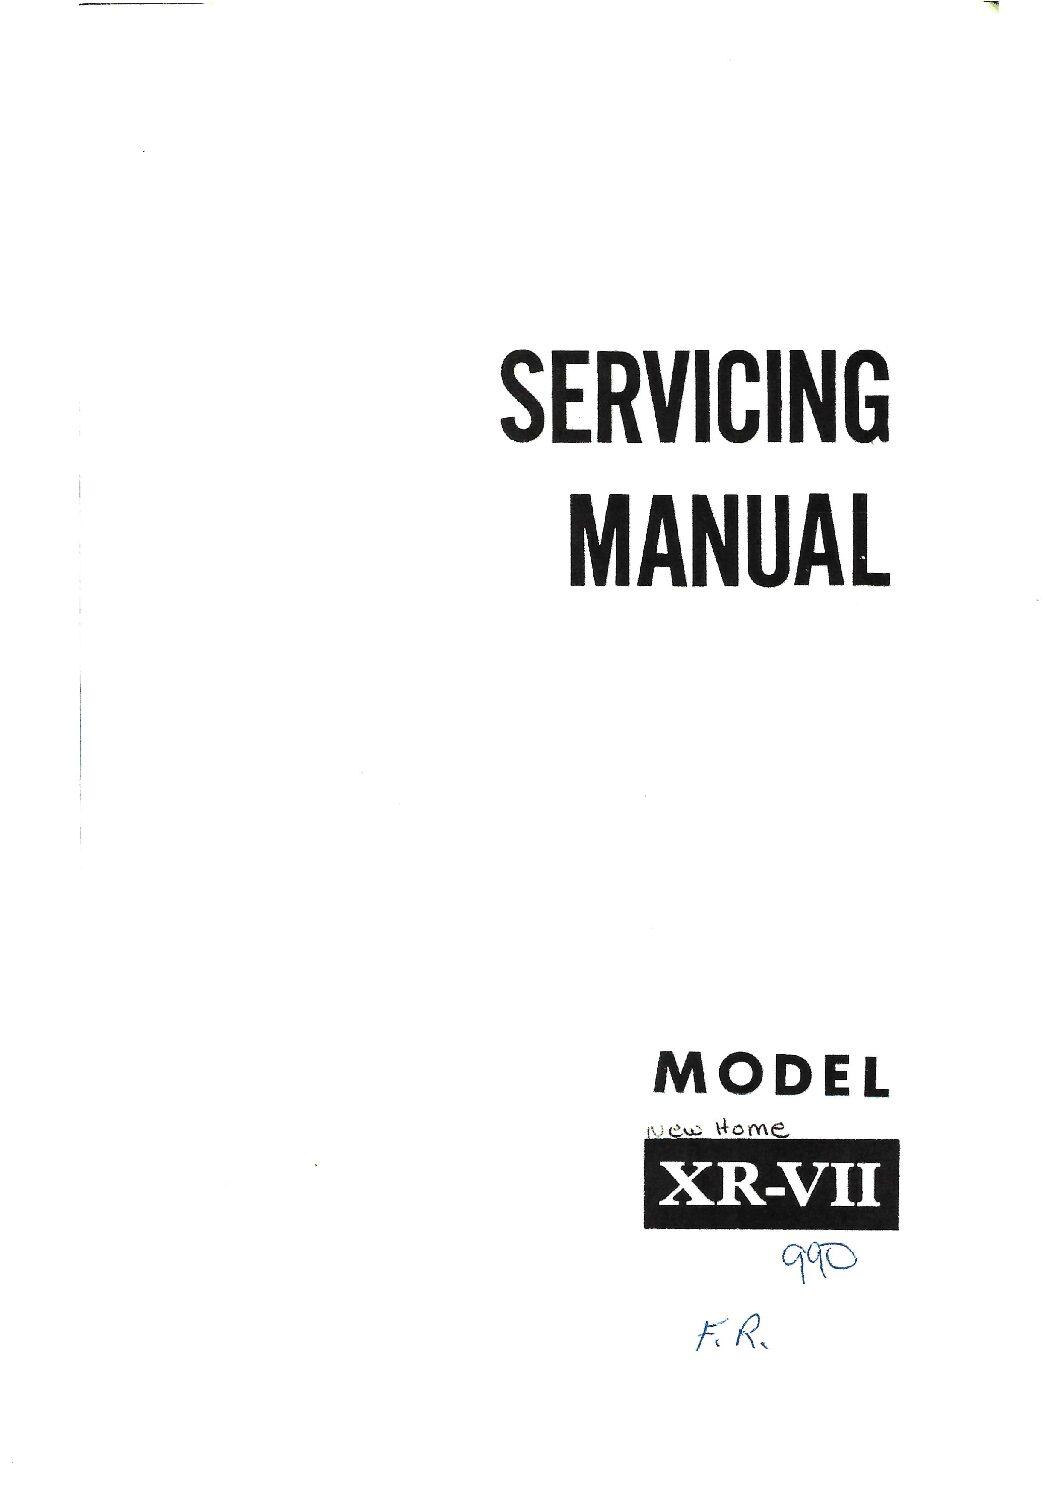 Service Manual Janome 990 XR-VII Sewing Machine